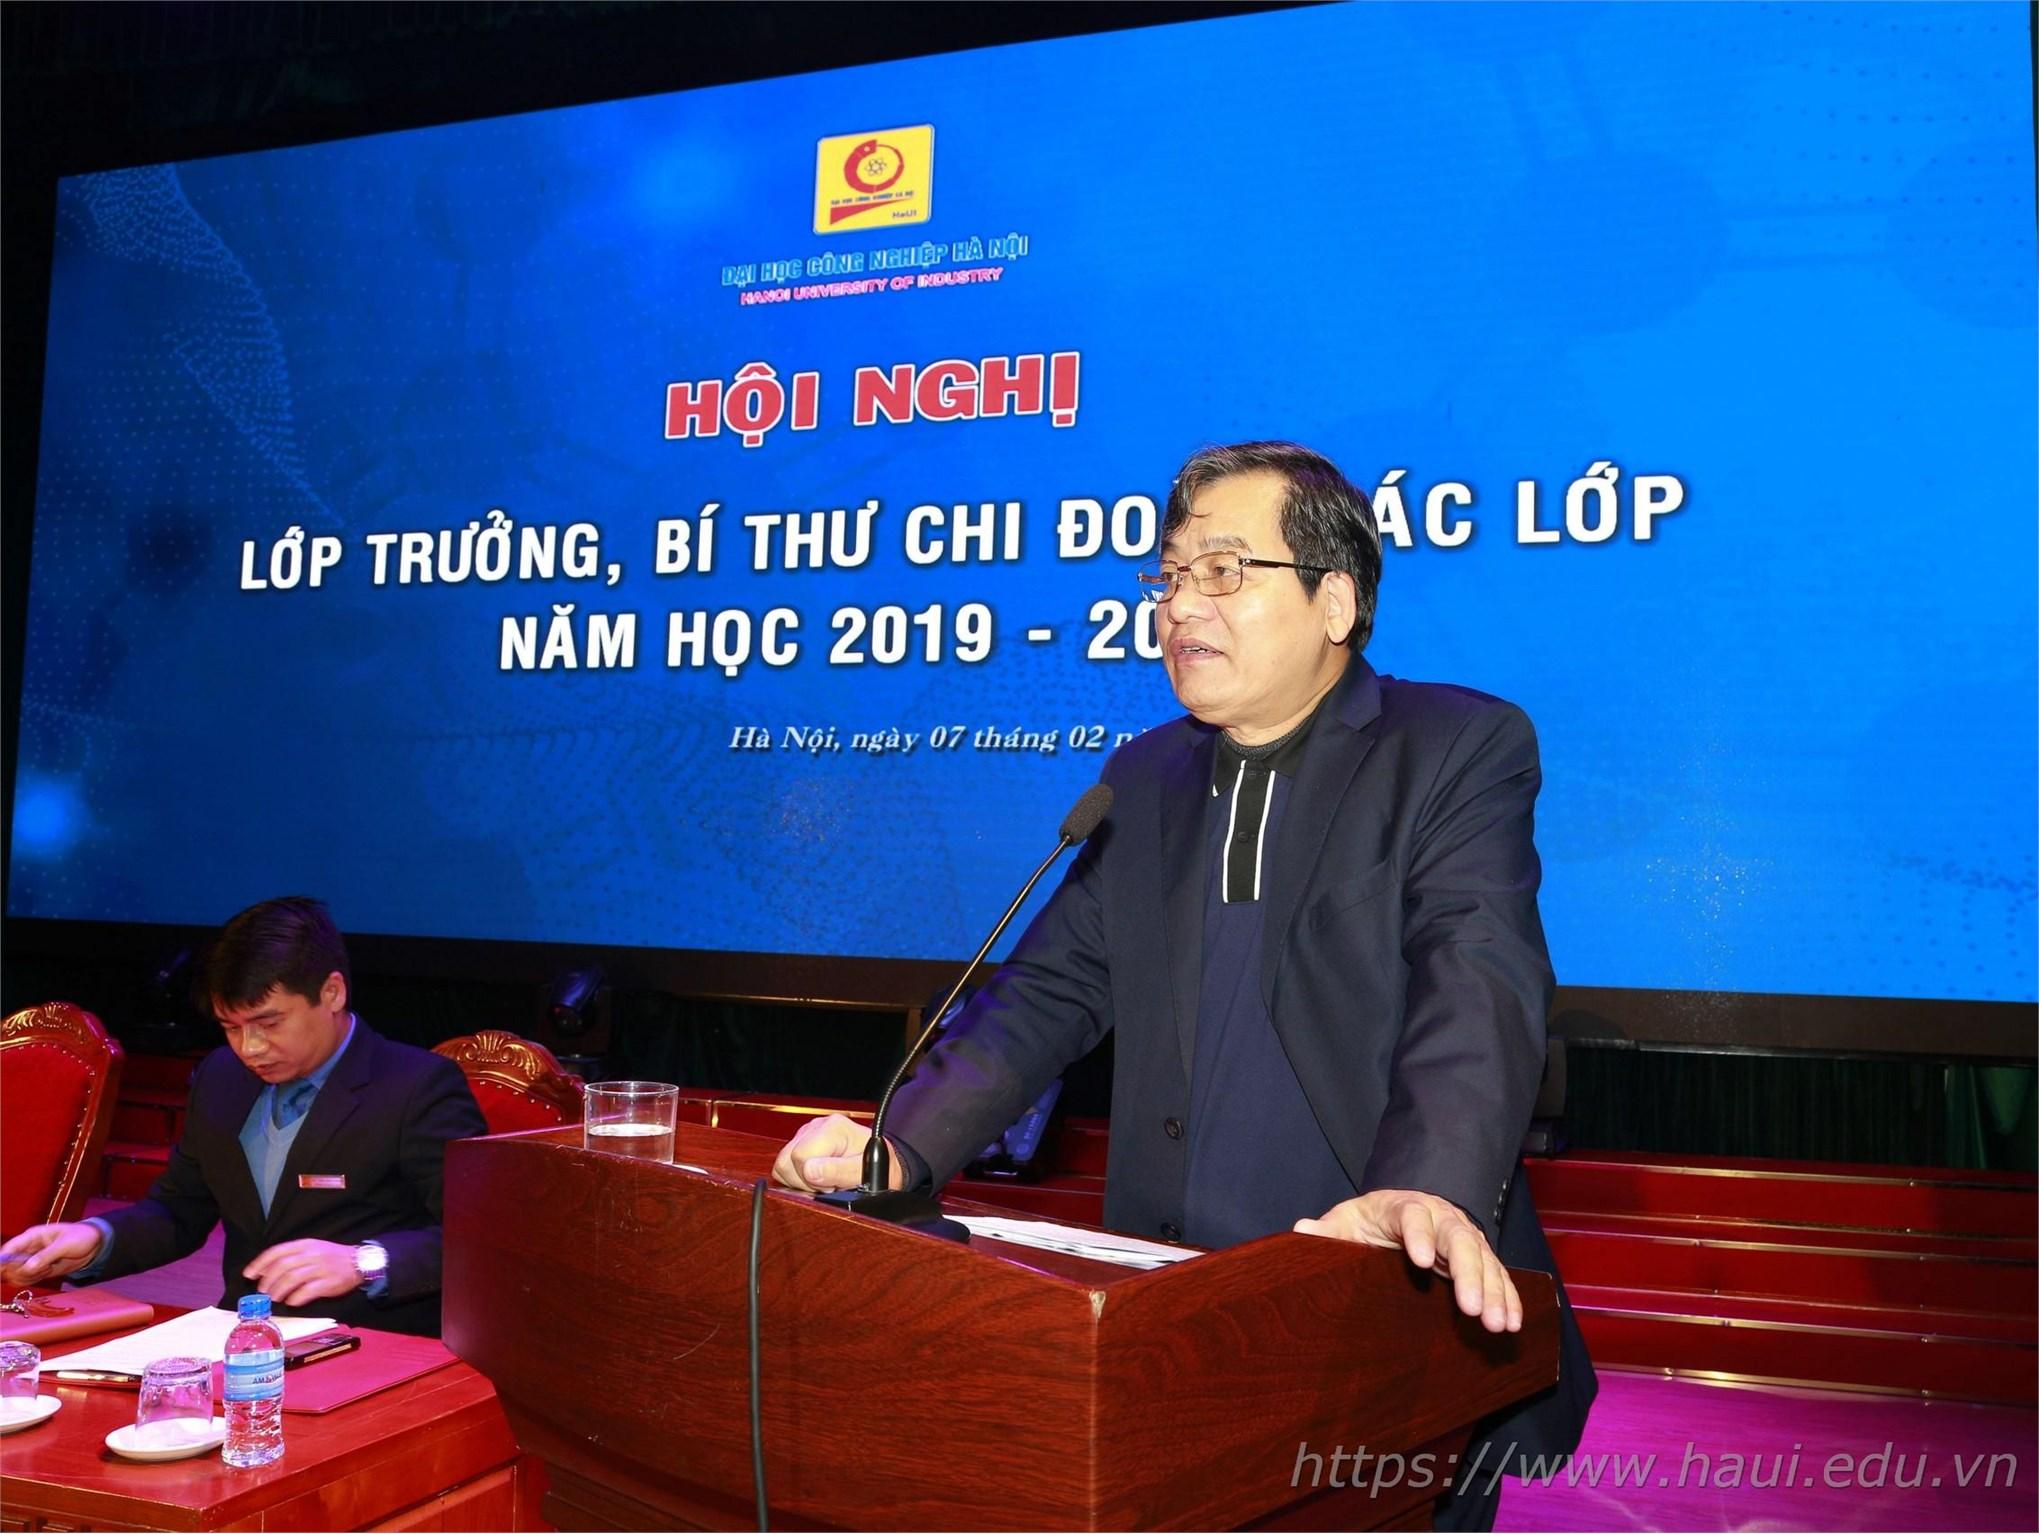 PGS.TS.Trần Đức Quý – Bí thư Đảng ủy, Hiệu trưởng Nhà trường khẳng định: Đại học Công nghiệp Hà Nội tiếp tục thực hiện kế hoạch đào tạo theo tiến độ đã ban hành, tăng cường đào tạo trực tuyến từ ngày 6/2 đến 16/2/2020; theo dõi sát tình hình dịch bệnh, không chủ quan.